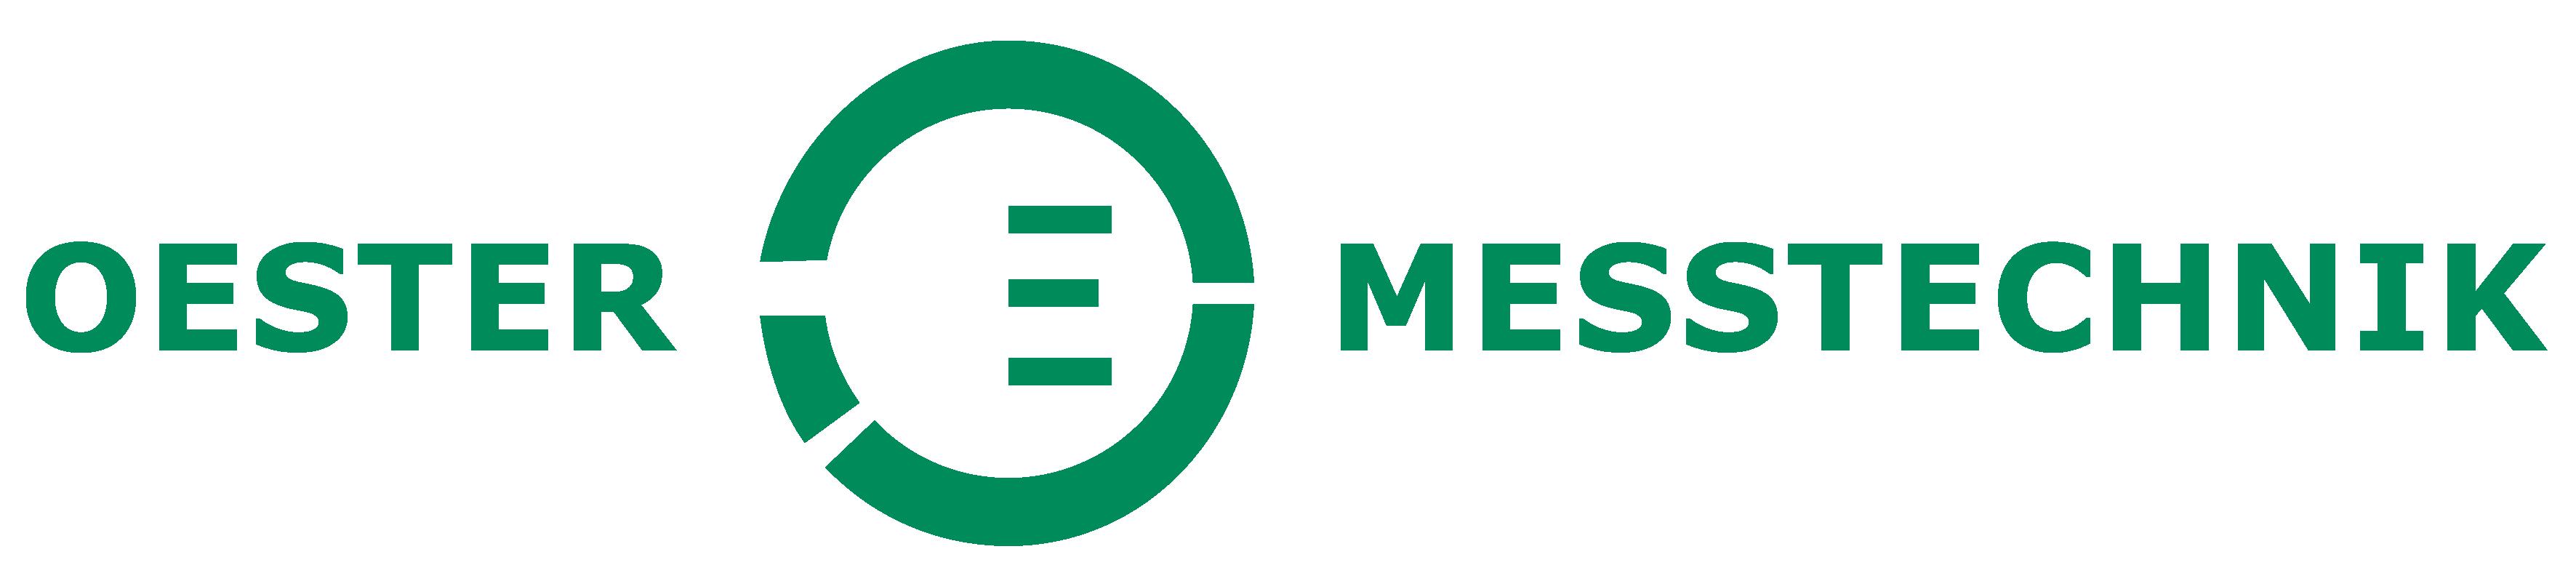 messtechnik.ch